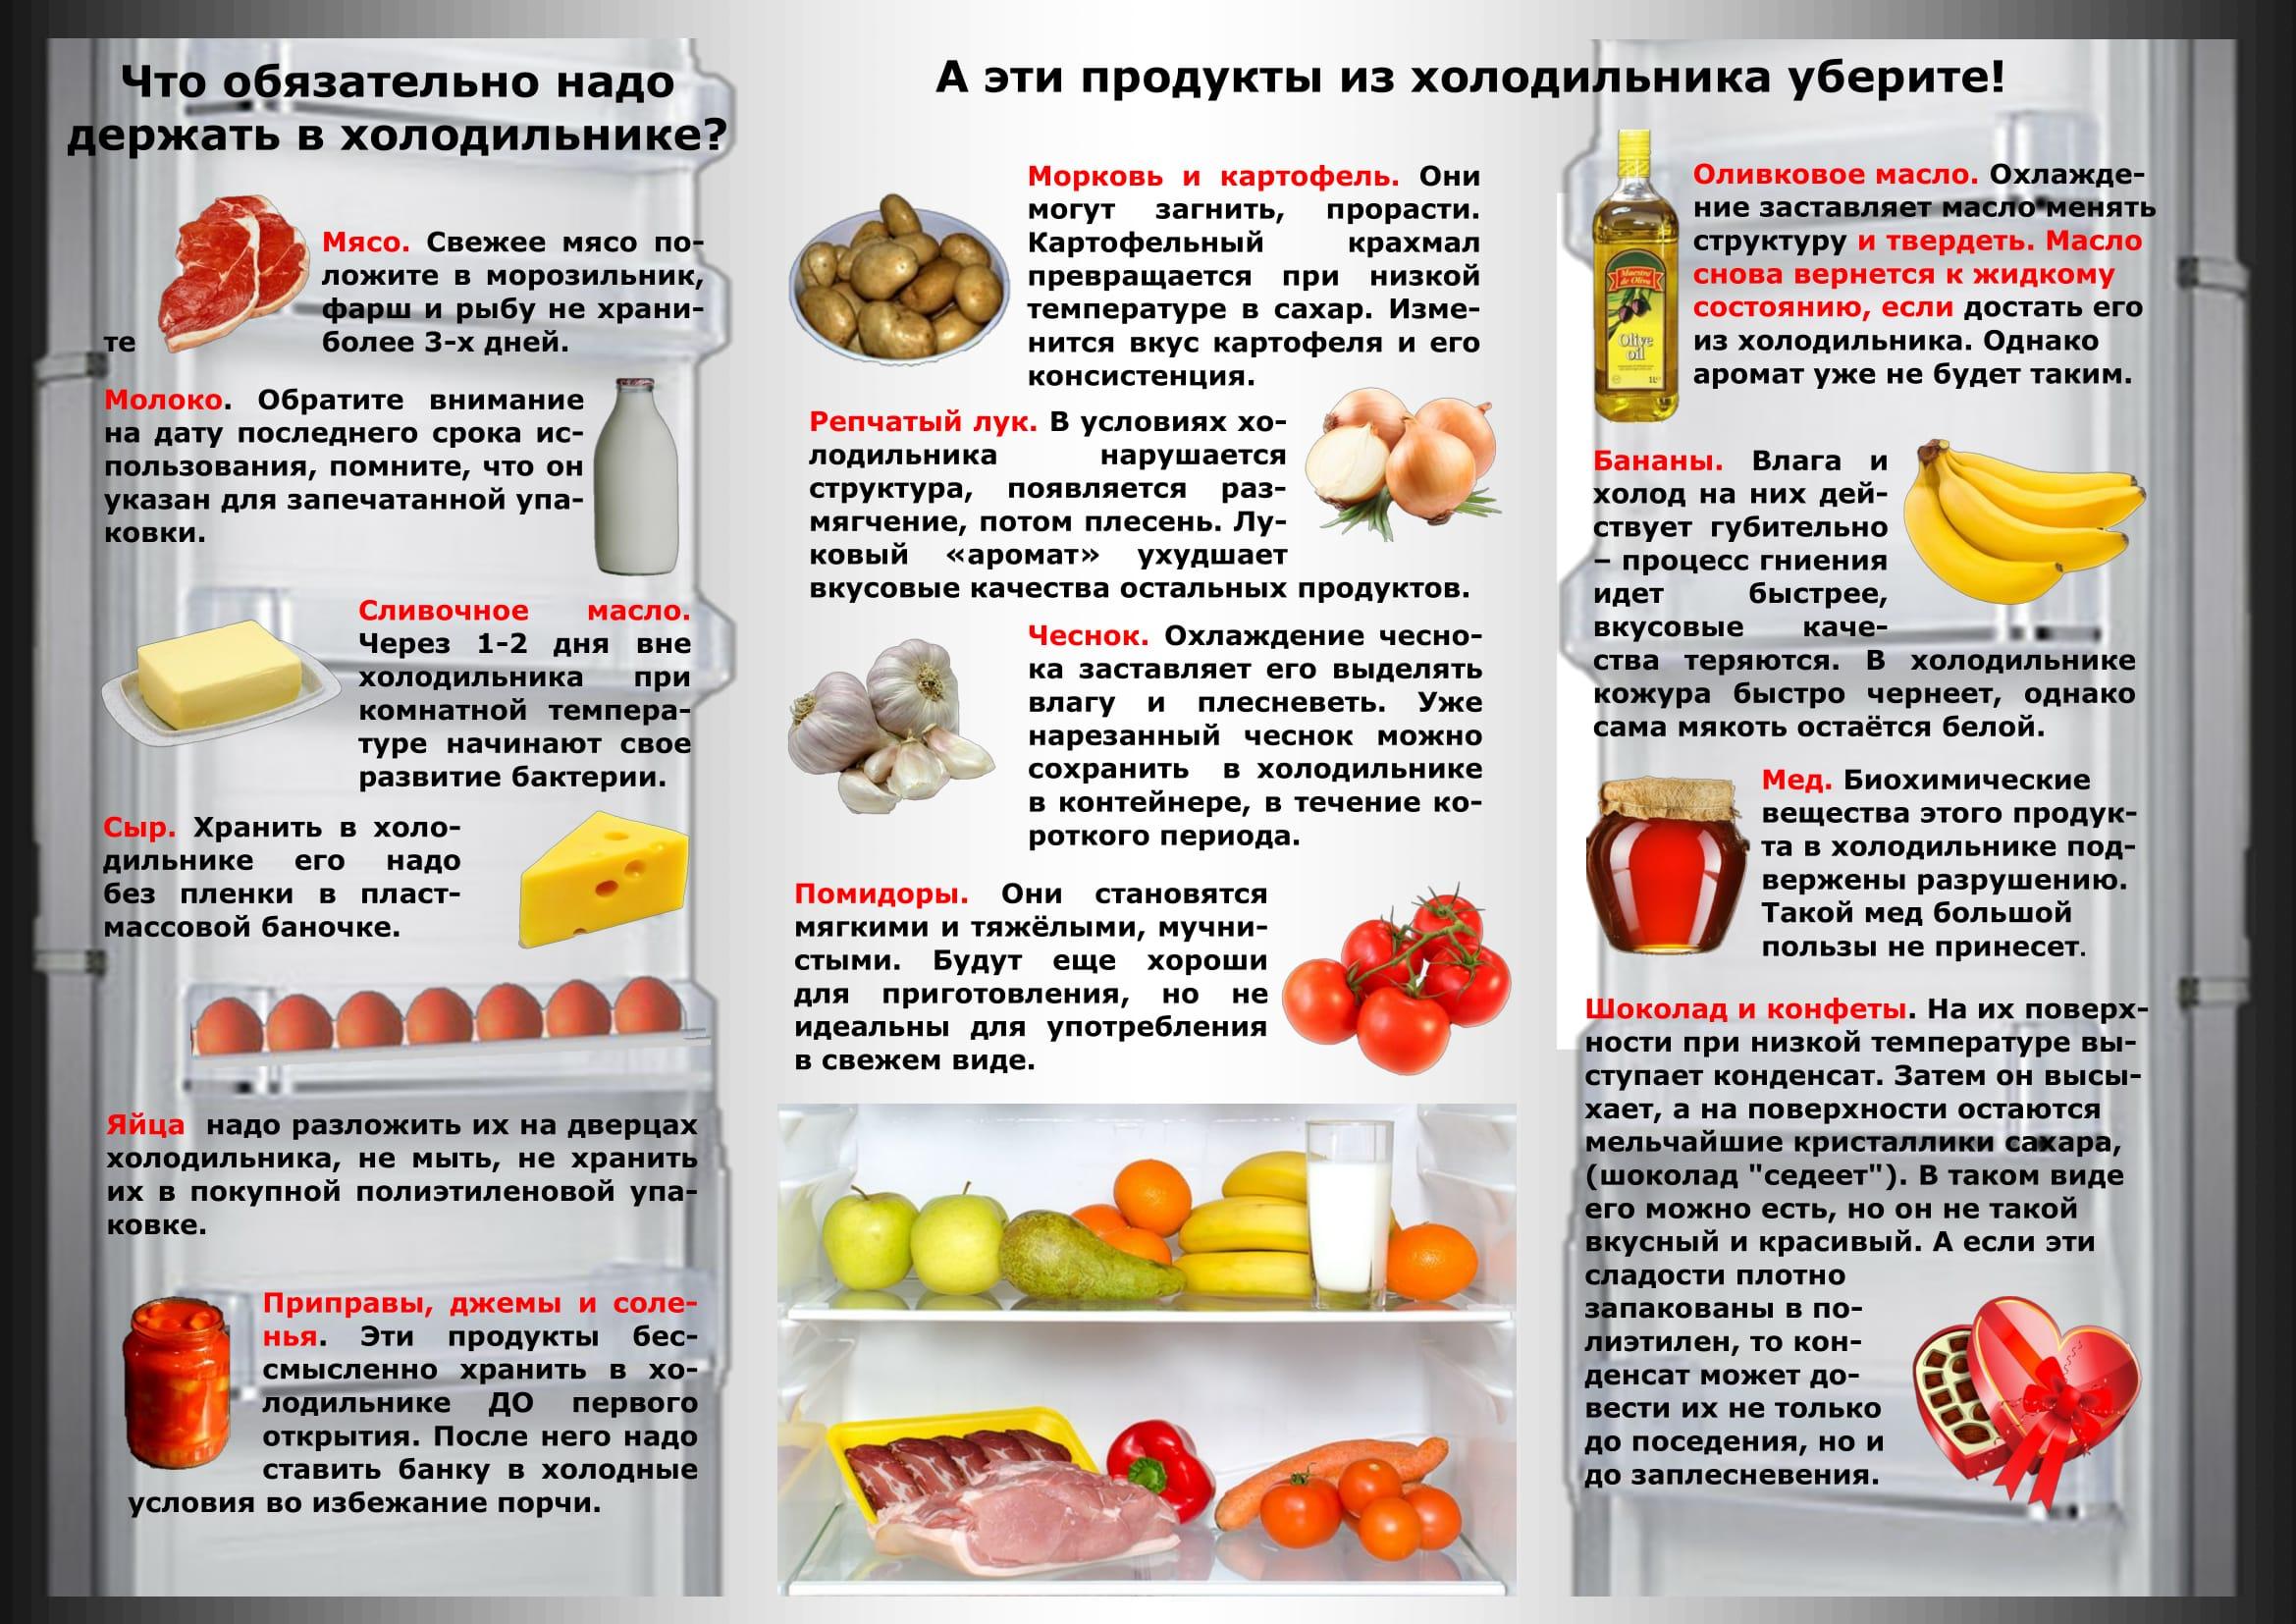 [BBBKEYWORD]. Самые безопасные для организма диеты